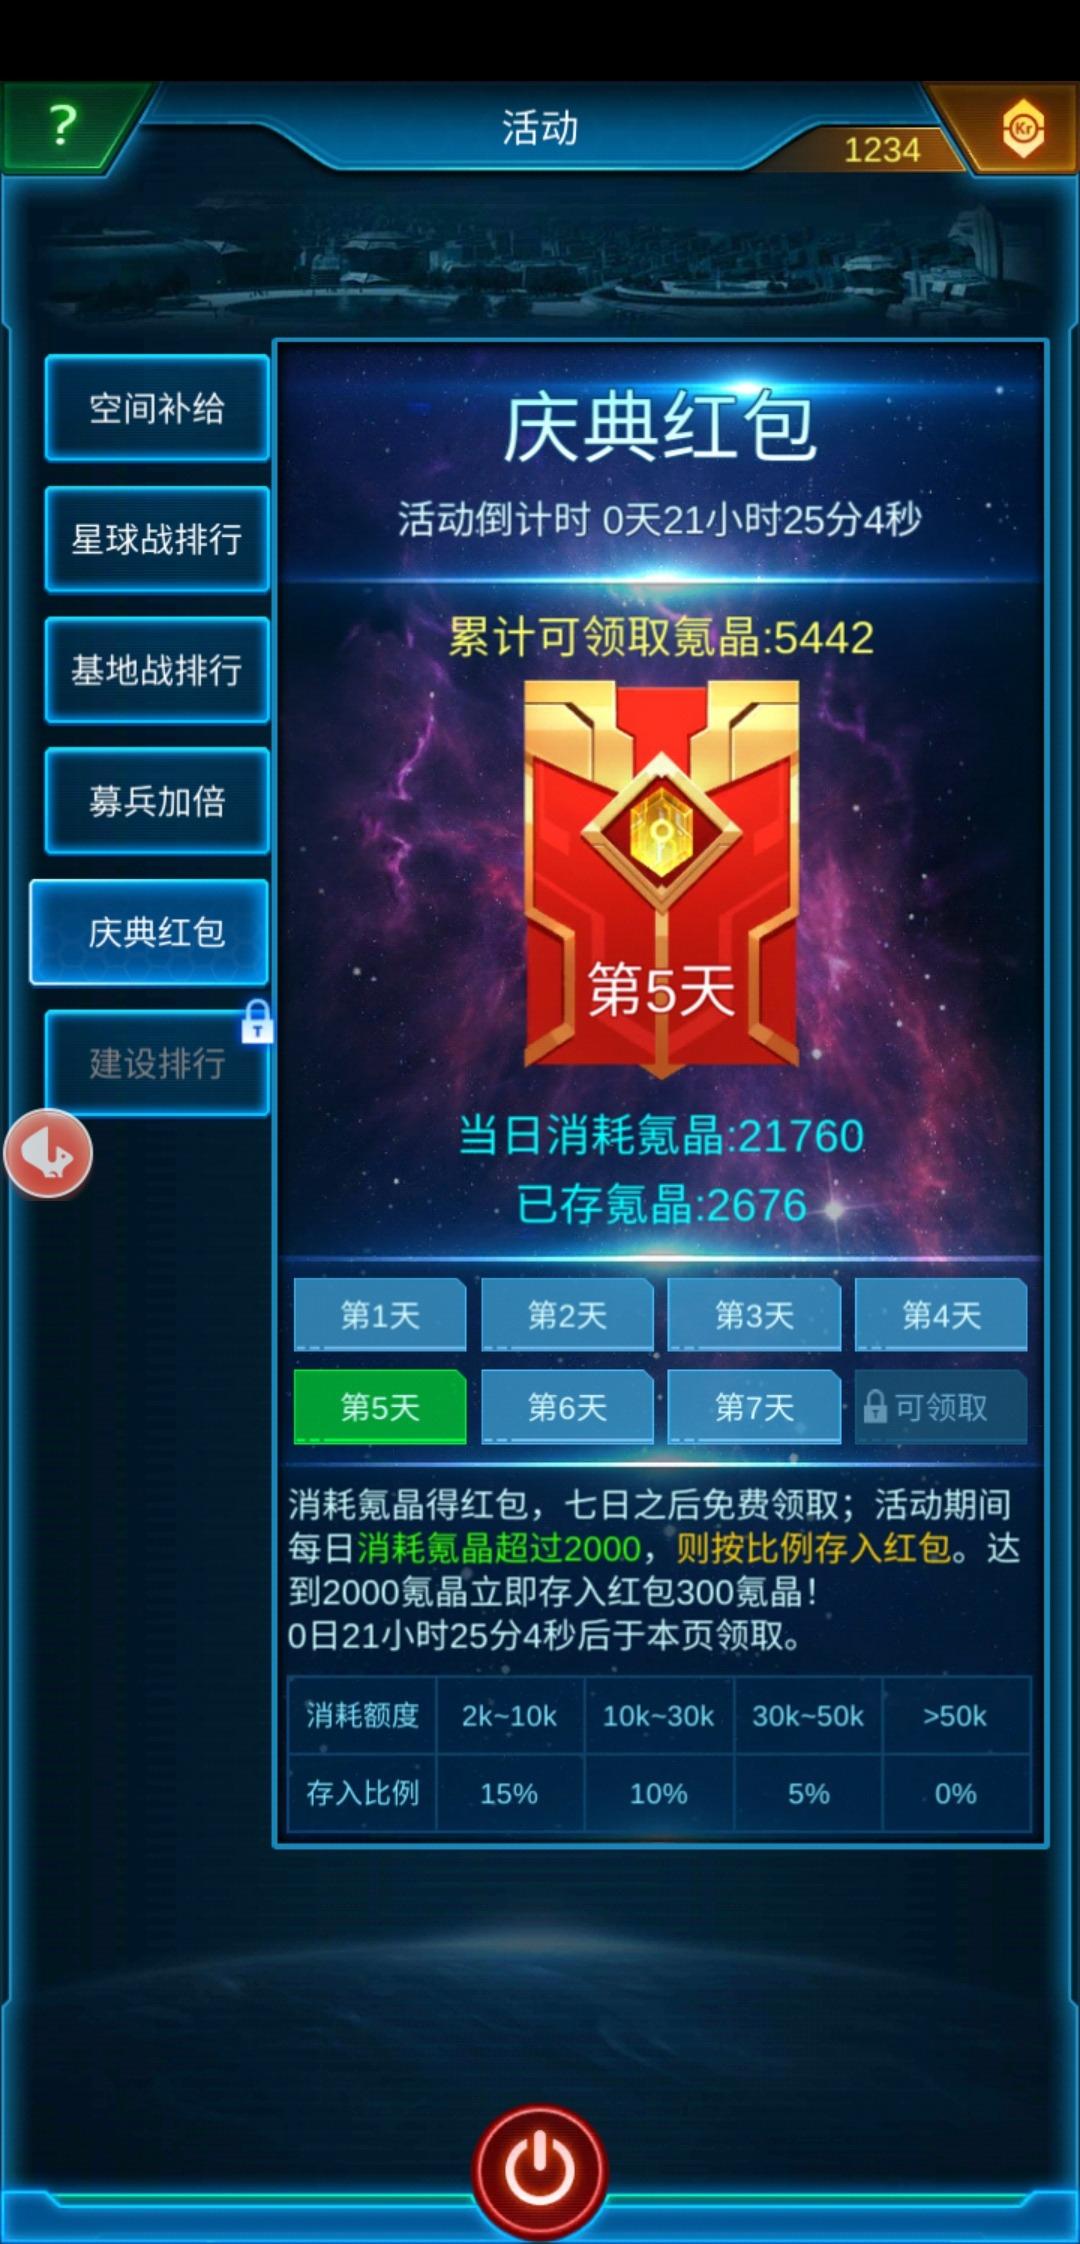 Screenshot_20200701_023538_com.wkza.mobile.xjzj.jpg